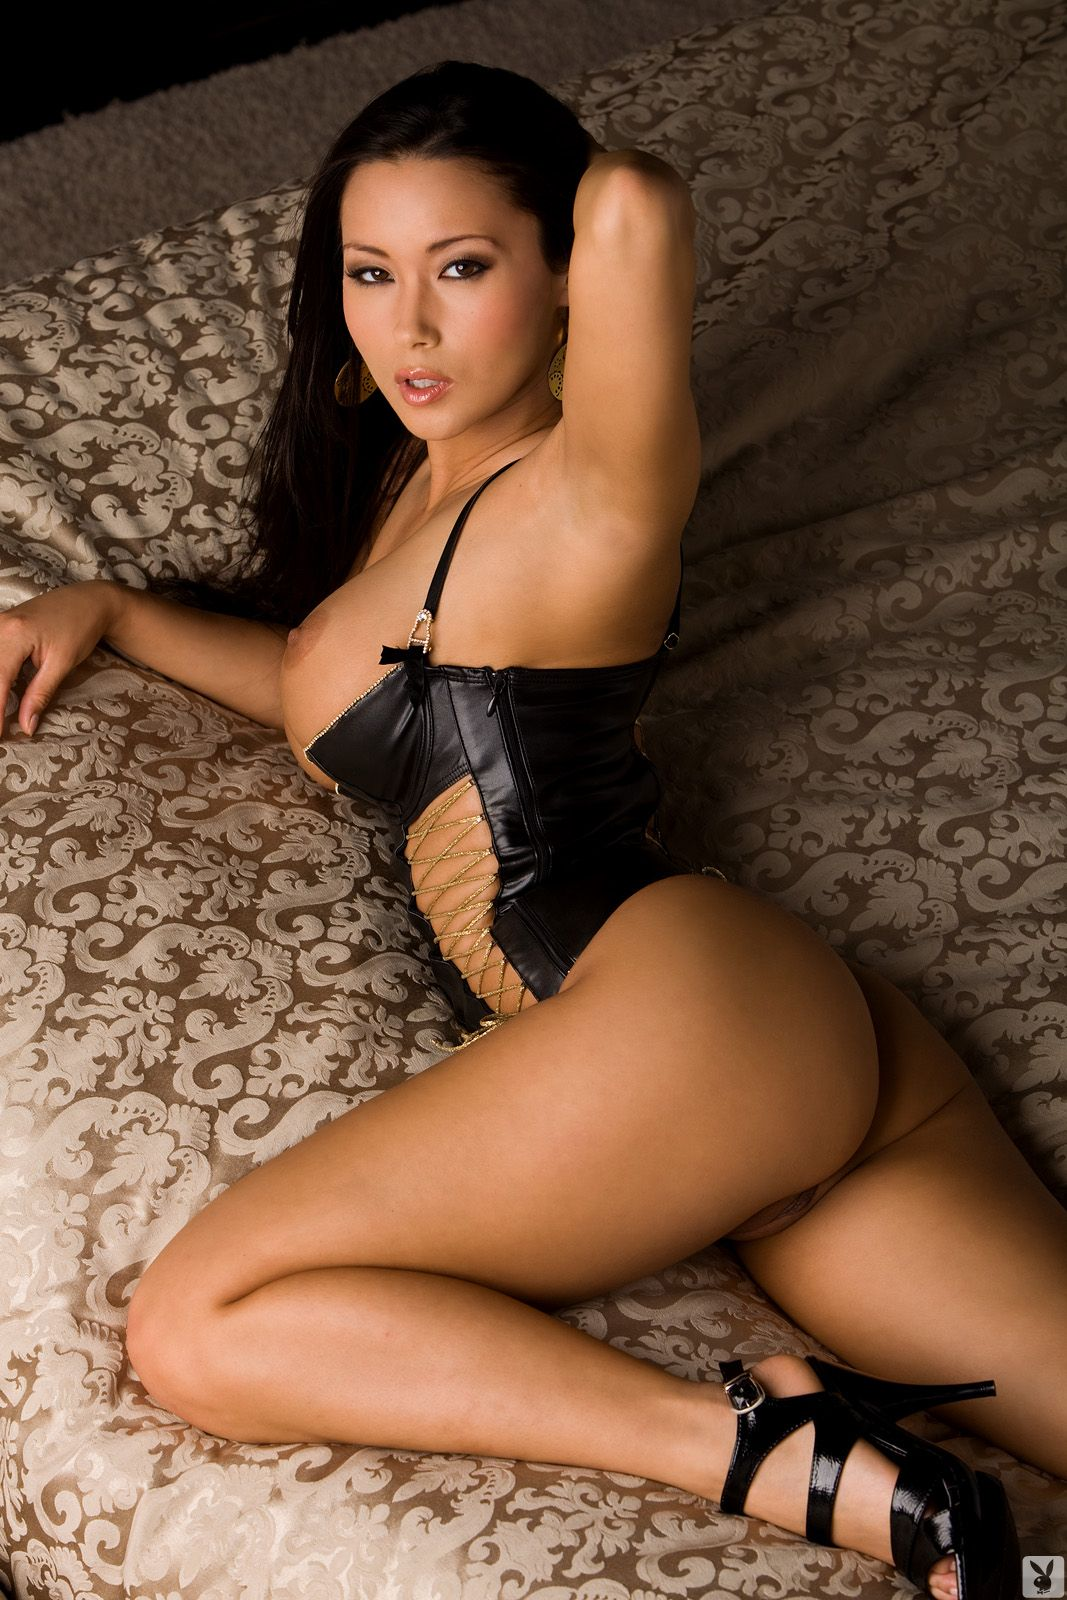 julri waters playboy models nude